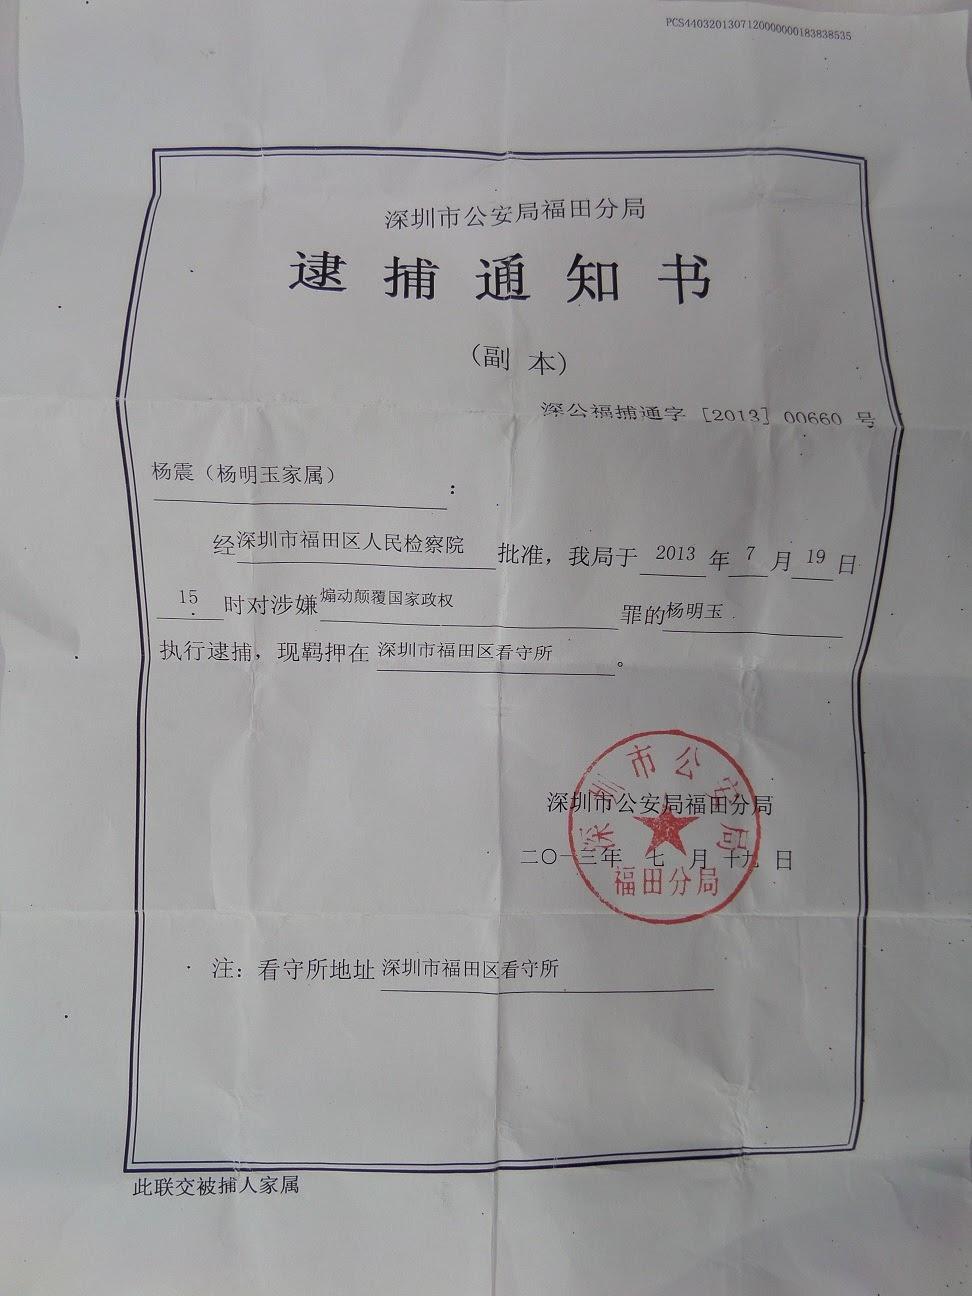 http://www.rfa.org/mandarin/yataibaodao/renquanfazhi/sd-08112013140736.html/m0811-sdp2.jpg